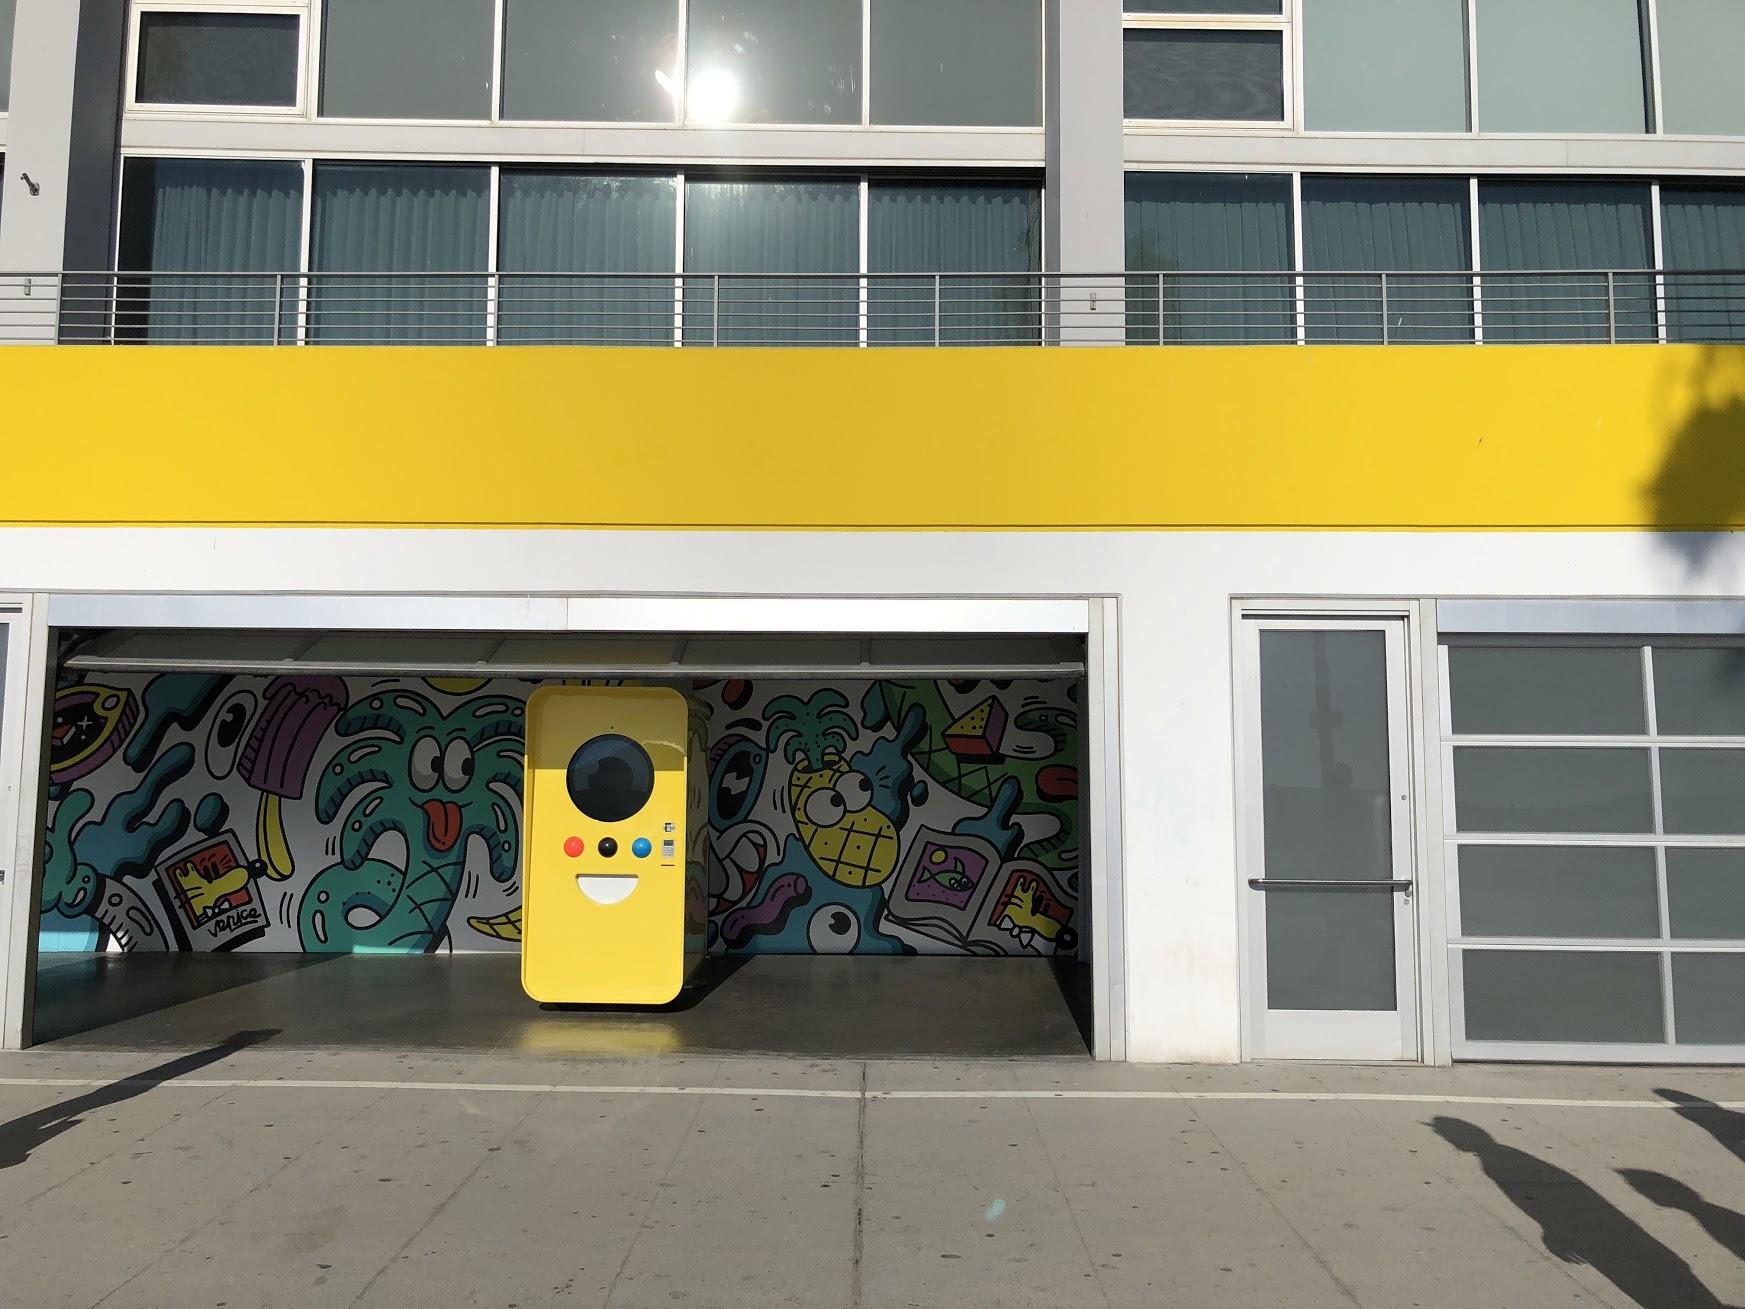 Snapchats pop-up-butikk rett ved egne lokaler i Venice Beach i California var ikke akkurat fullstappet forrige måned. Det er kjent at selskapet sliter med å kvitte seg med Snapchat-solbrillene med kamera.